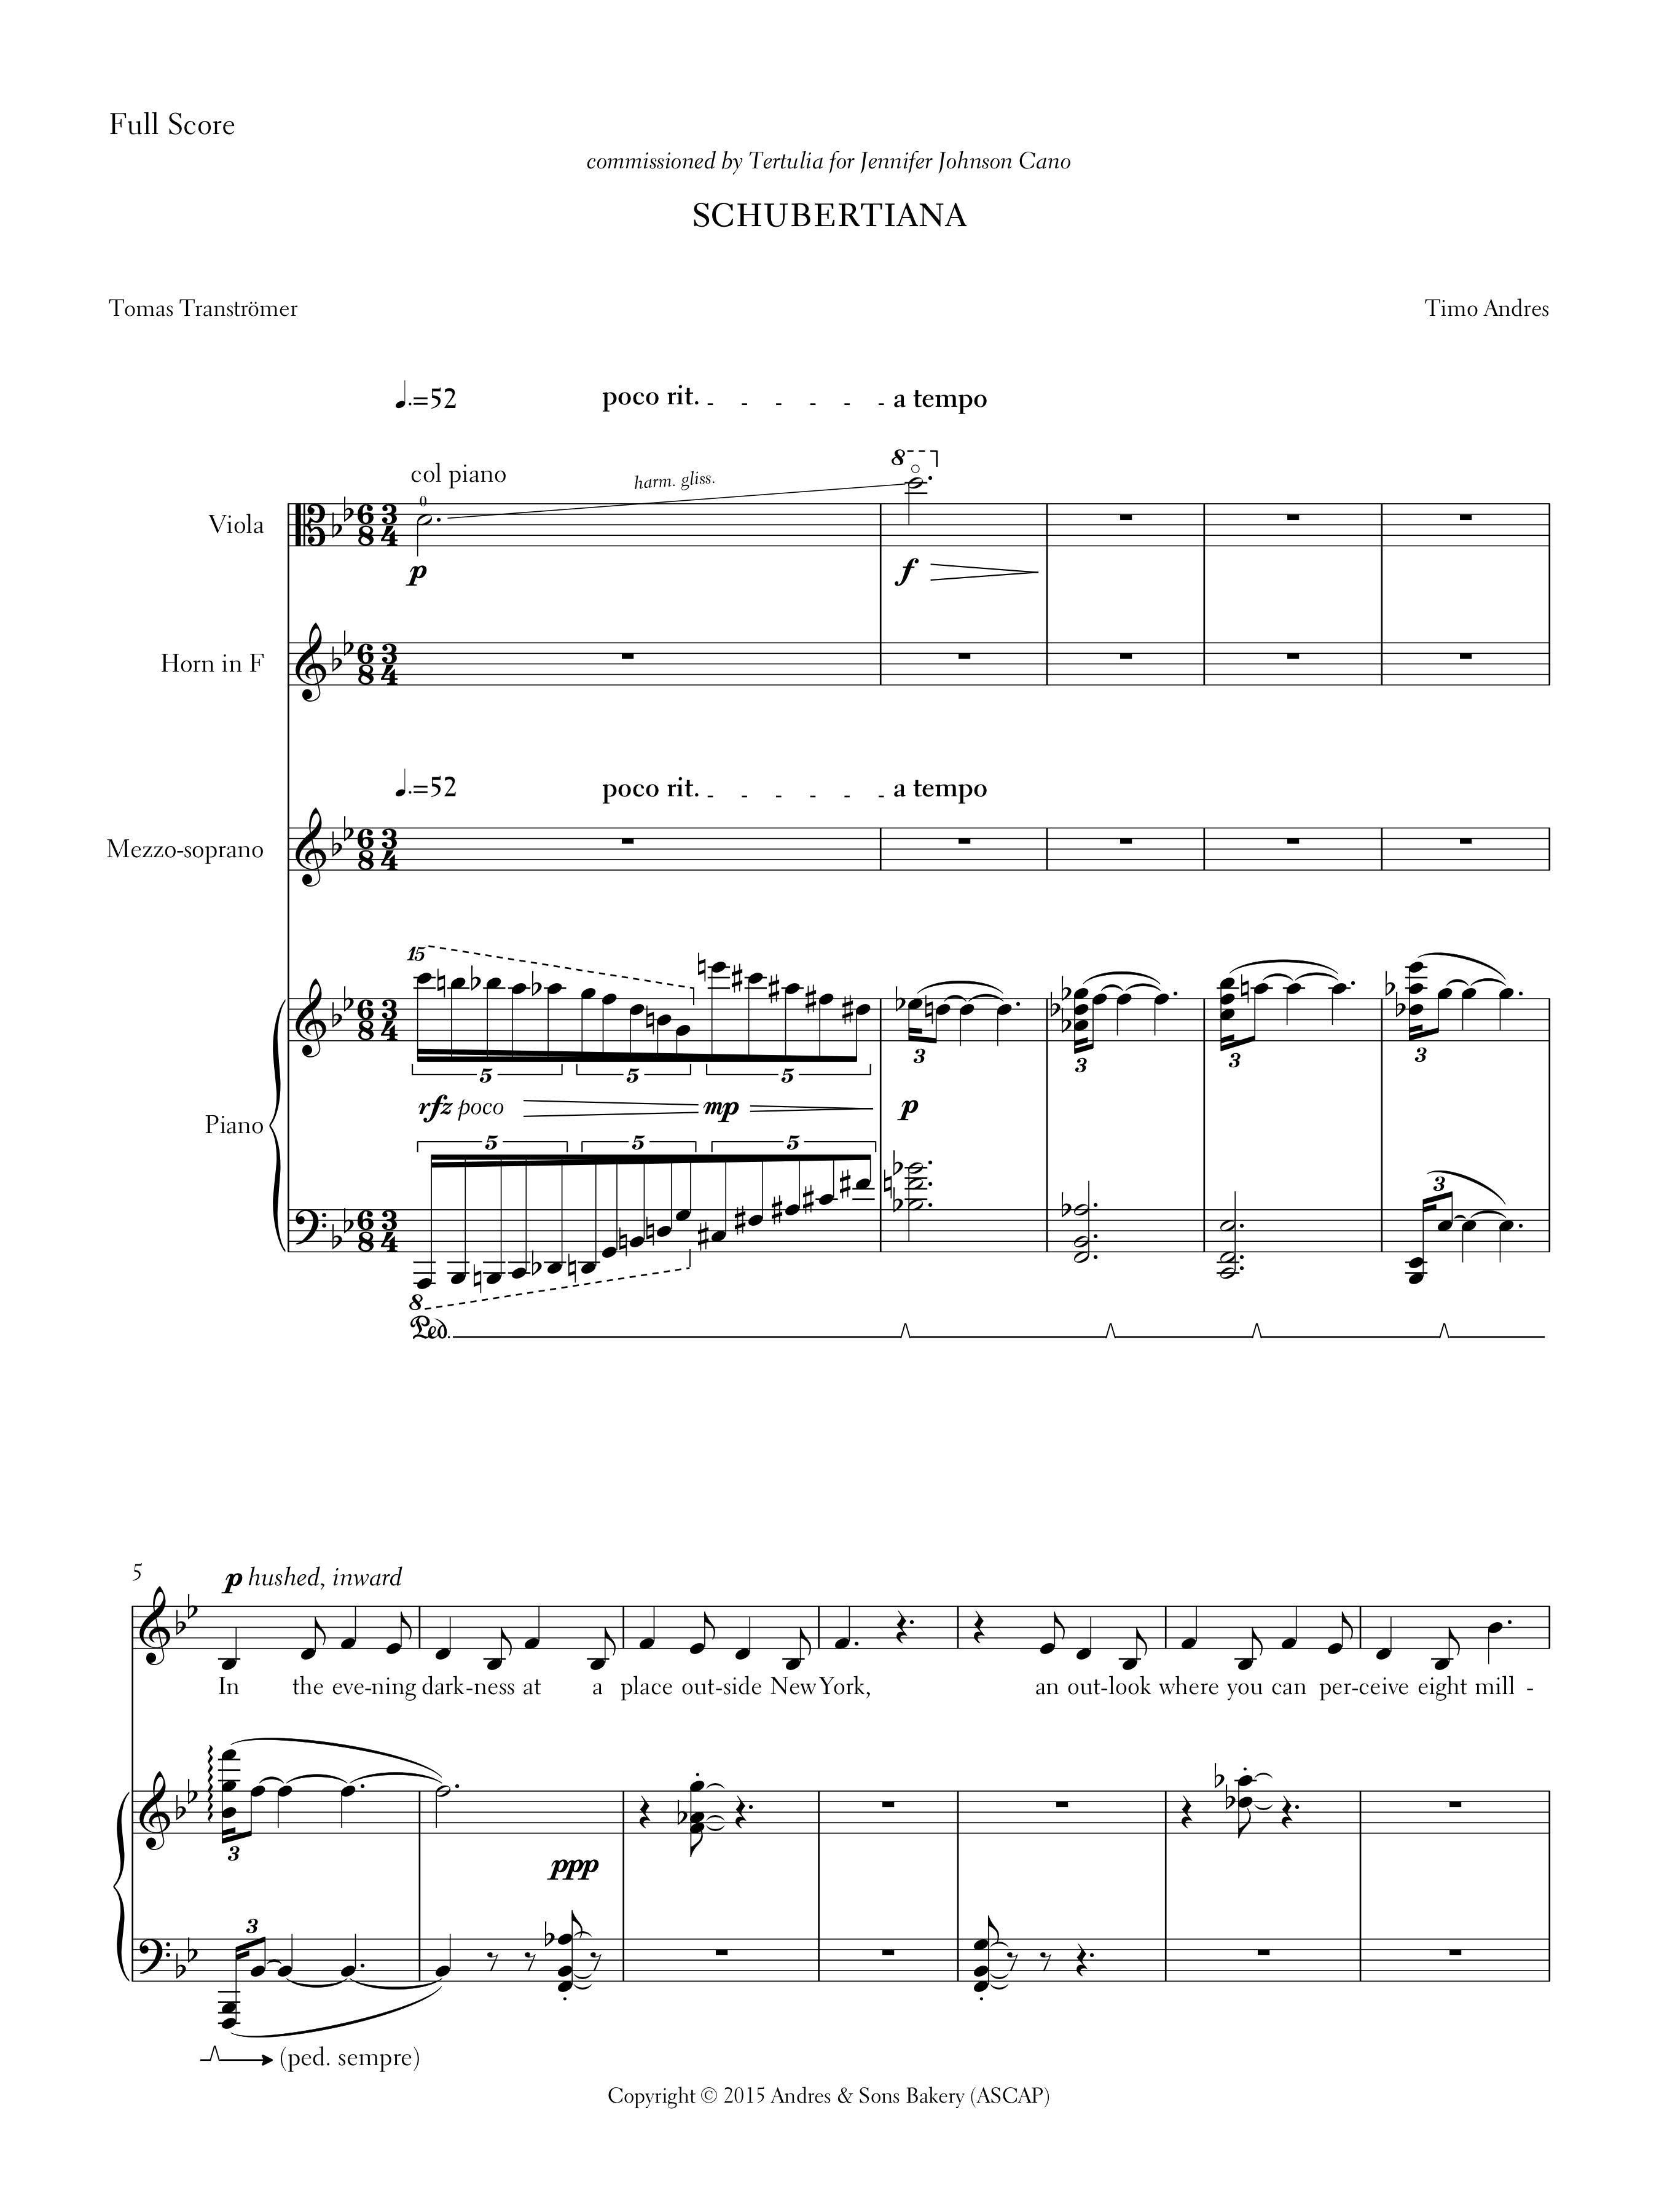 Schubertiana, p. 1